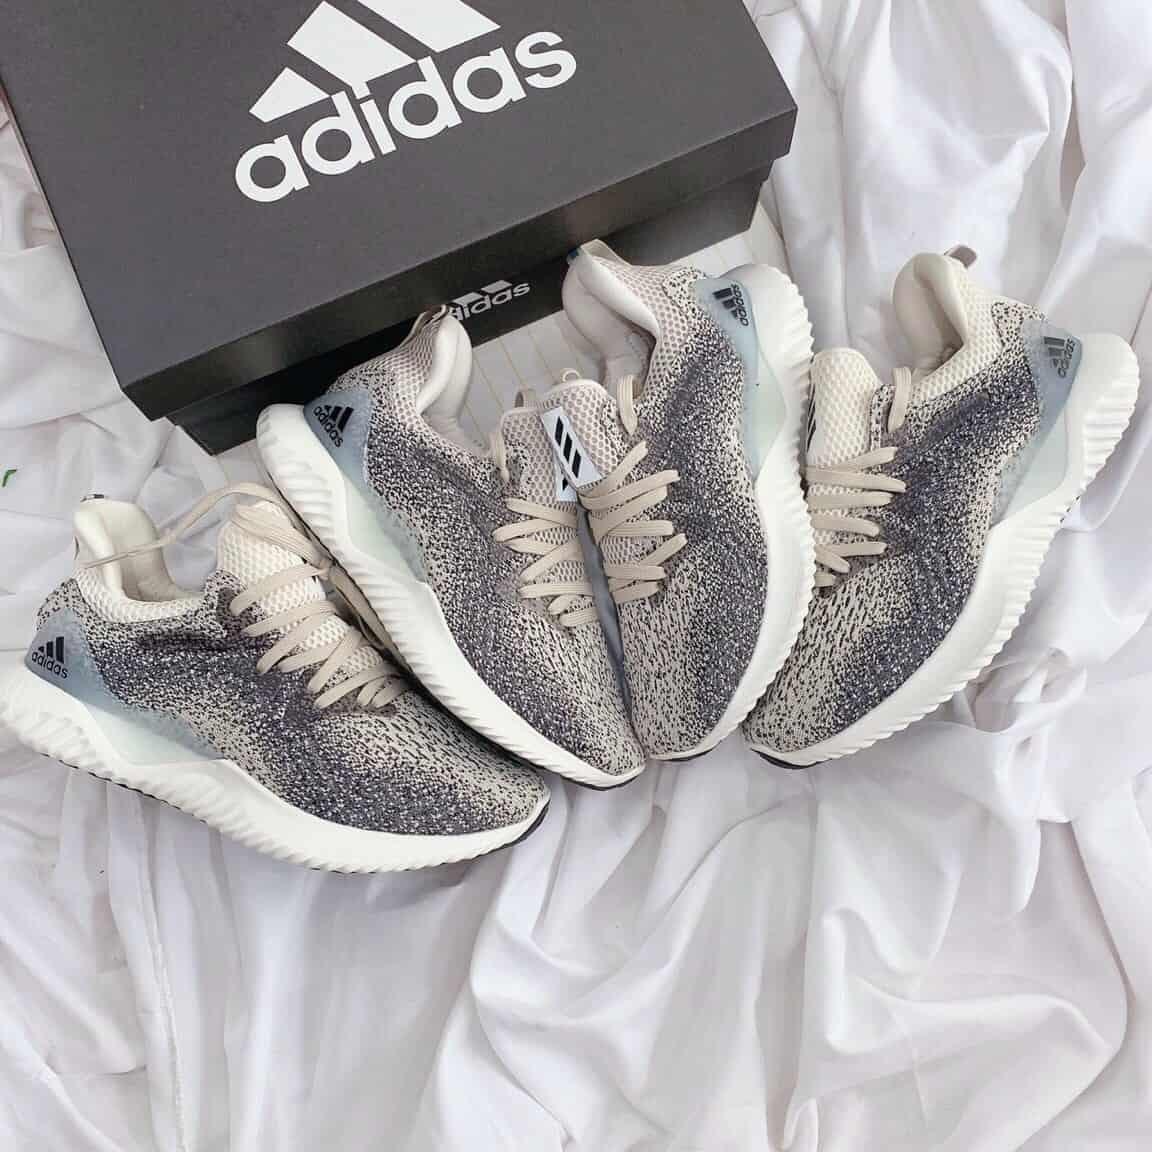 Đôi giày sở hữu màu muối tiêu đẹp – độc – lạ